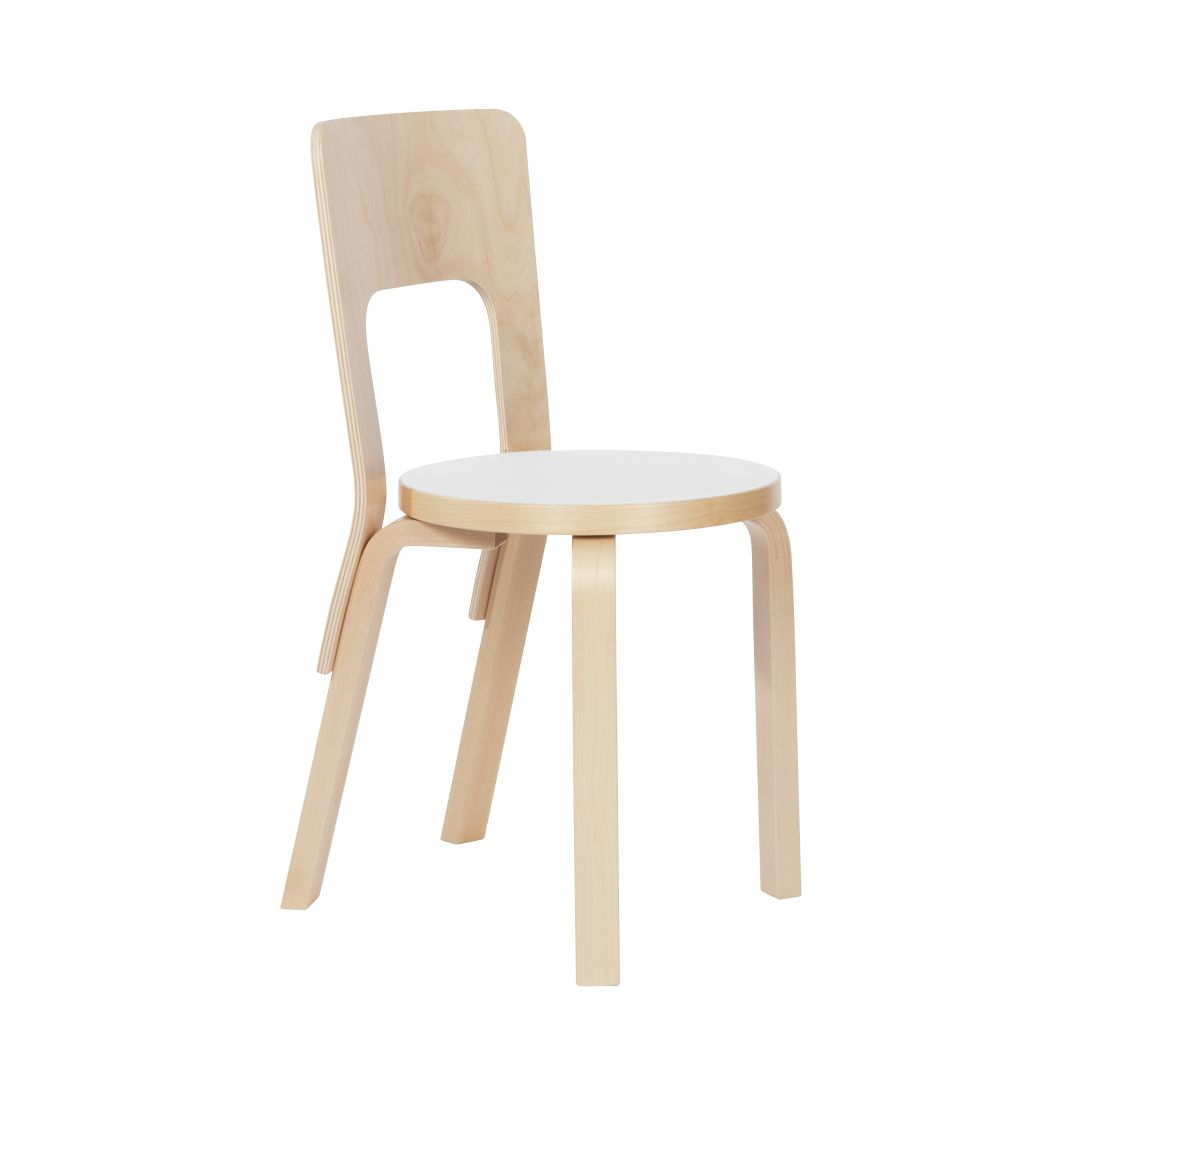 Chair 66 white laminate